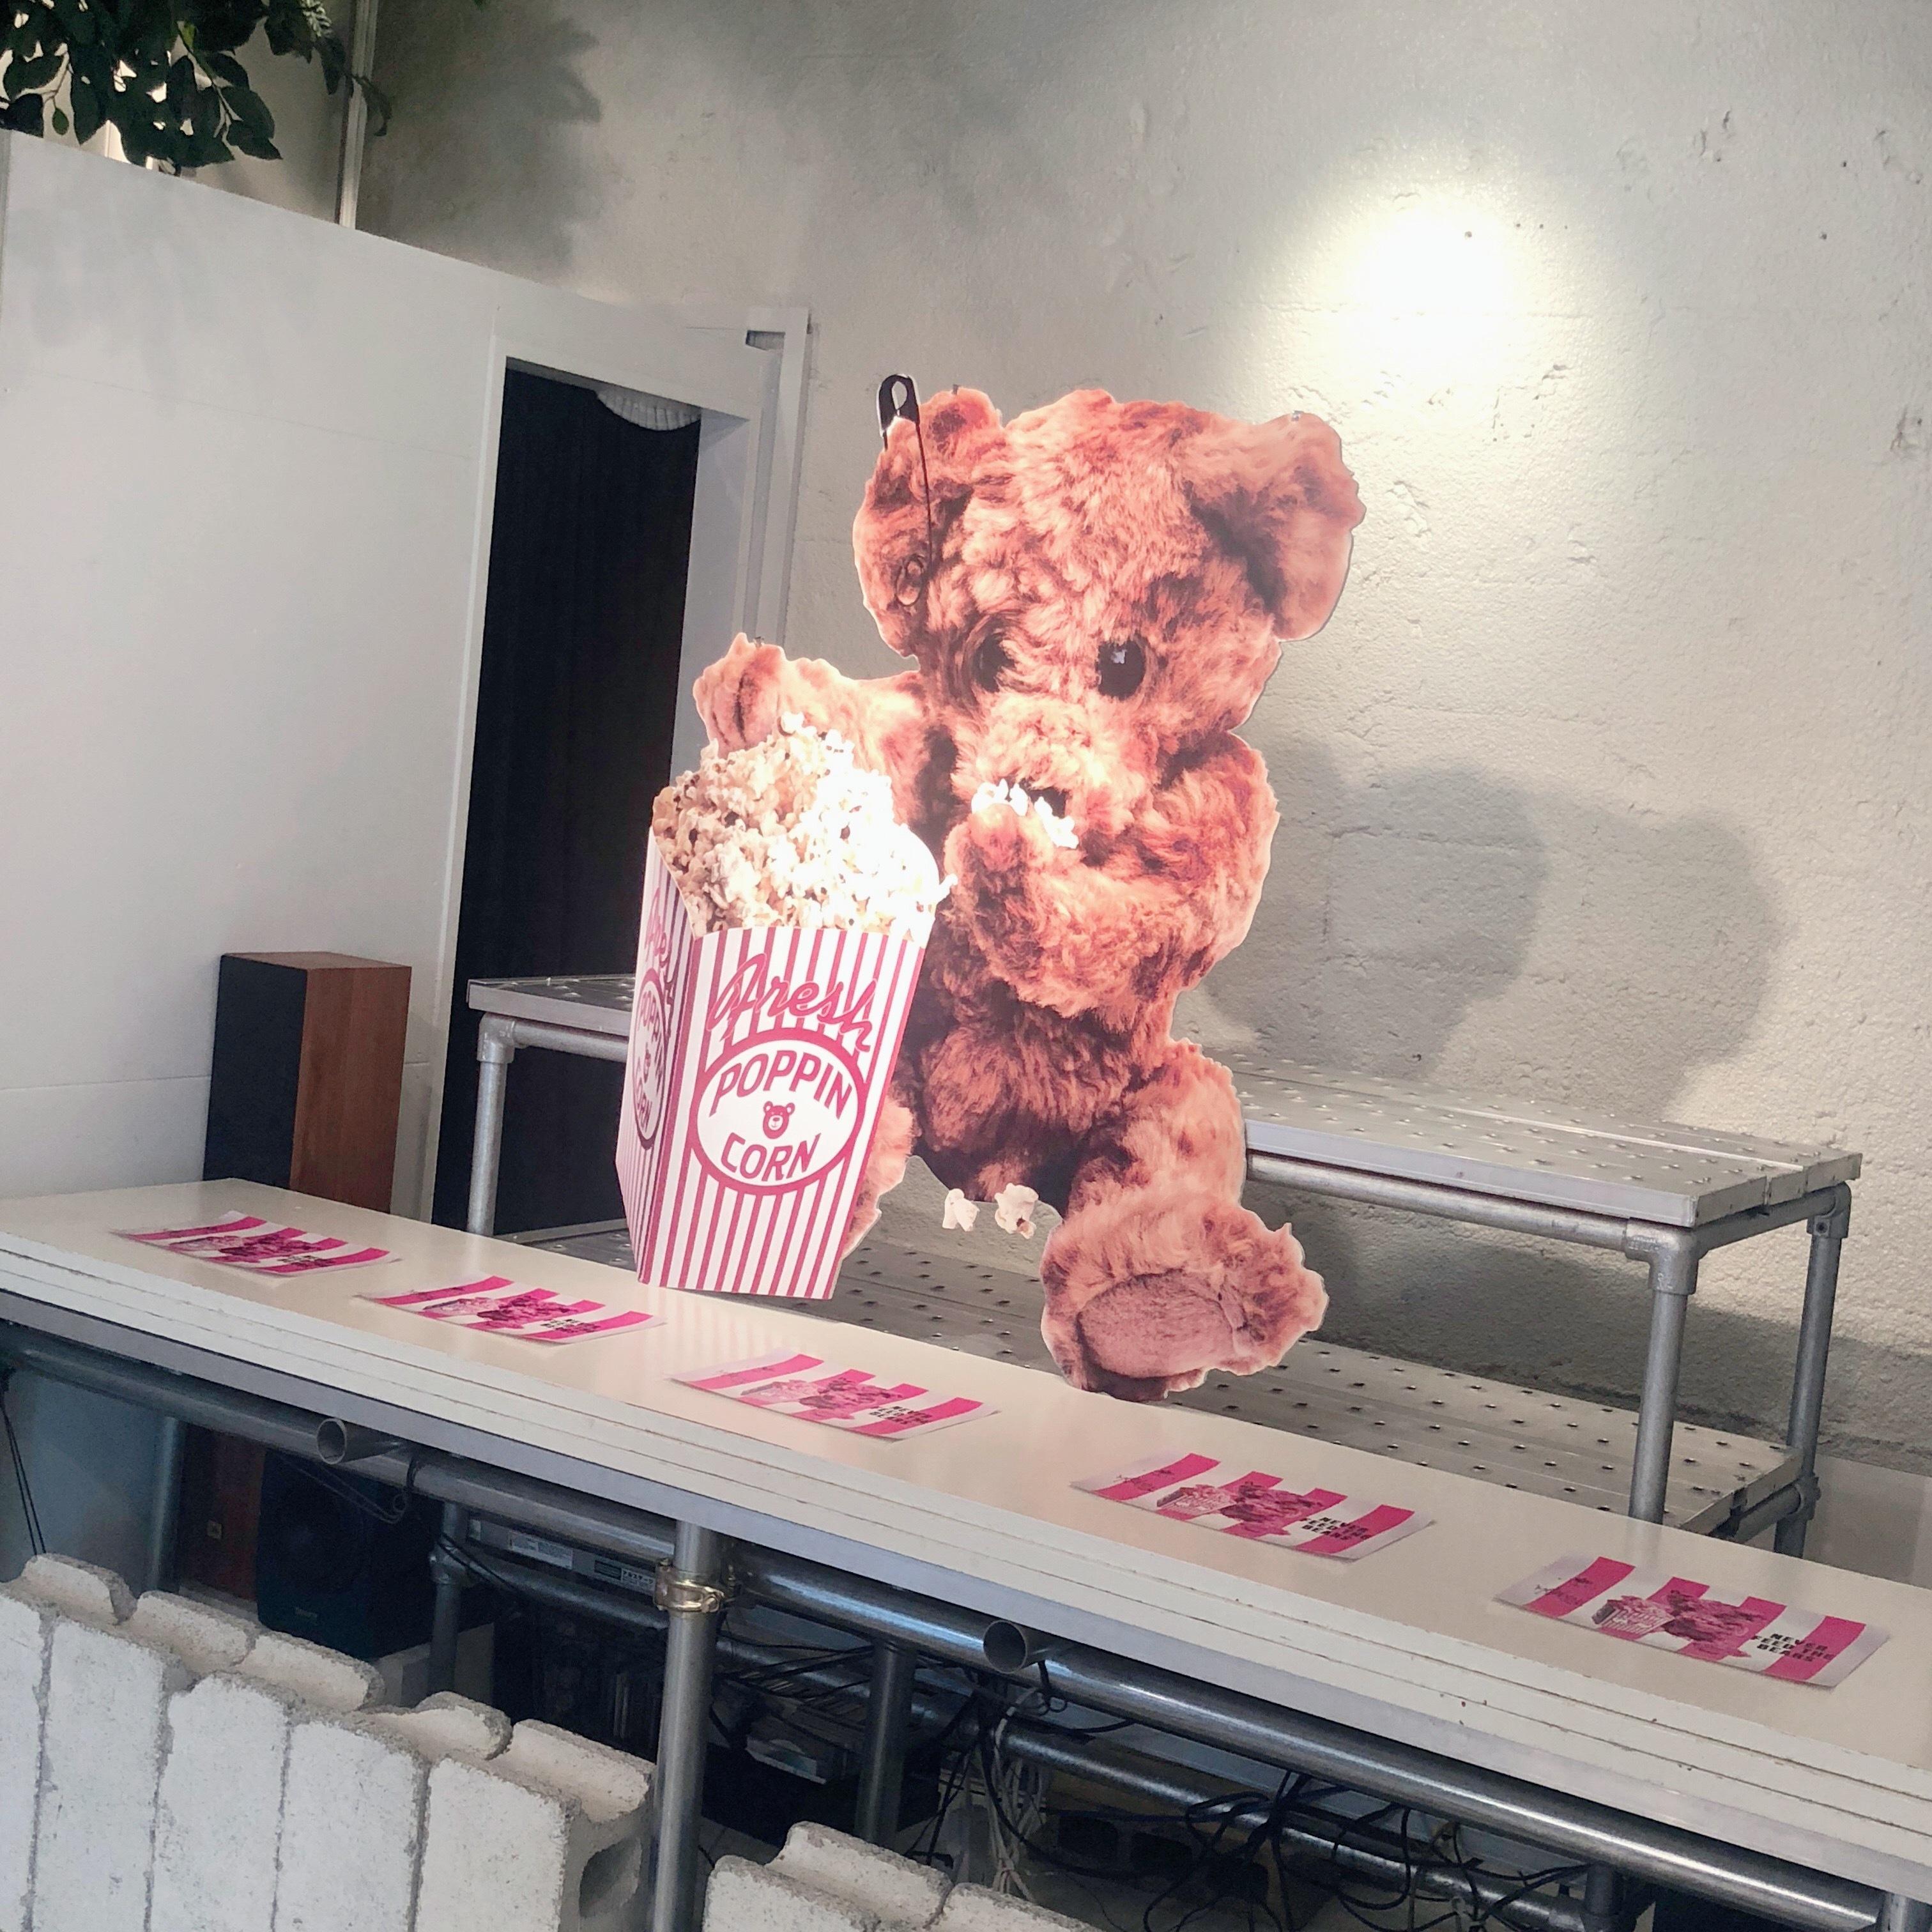 Vol.58♡ 期間限定!ポップコーン味のかき氷?!夏気分をまだ味わいたい方は是非♡_1_3-2